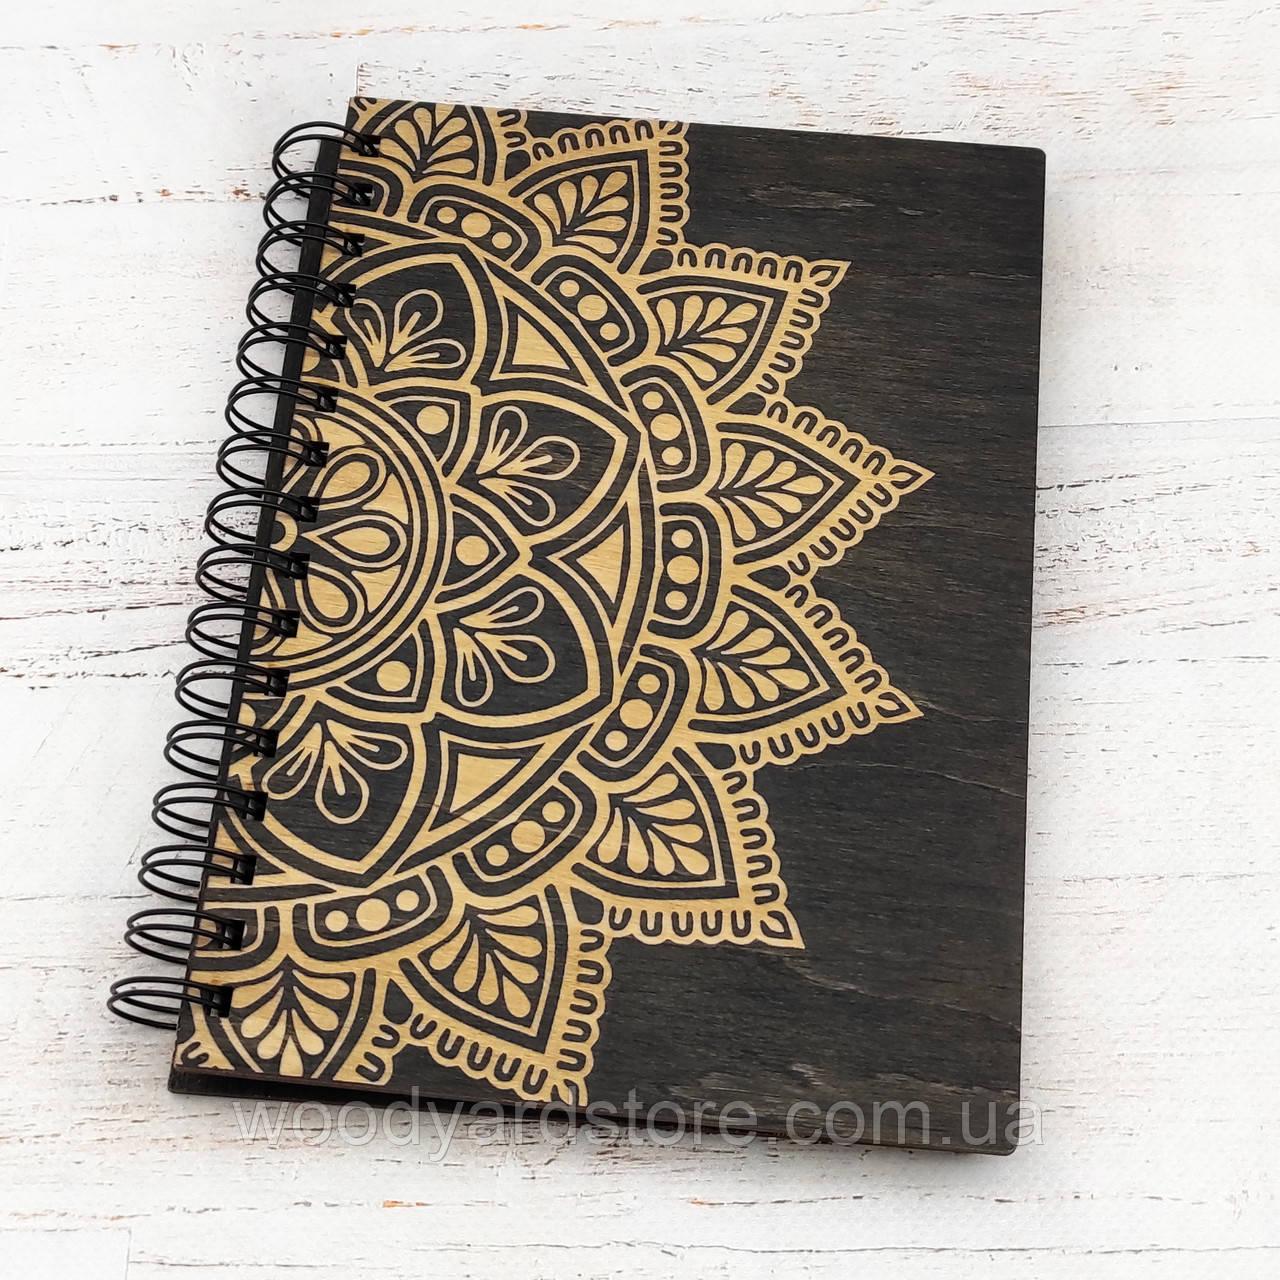 """Дерев'яний блокнот А5. Дизайн """"Мандала"""". Аркуші кольору """"слонова кістка"""" в крапочку.  Колір обкладинки венге (чорний)."""